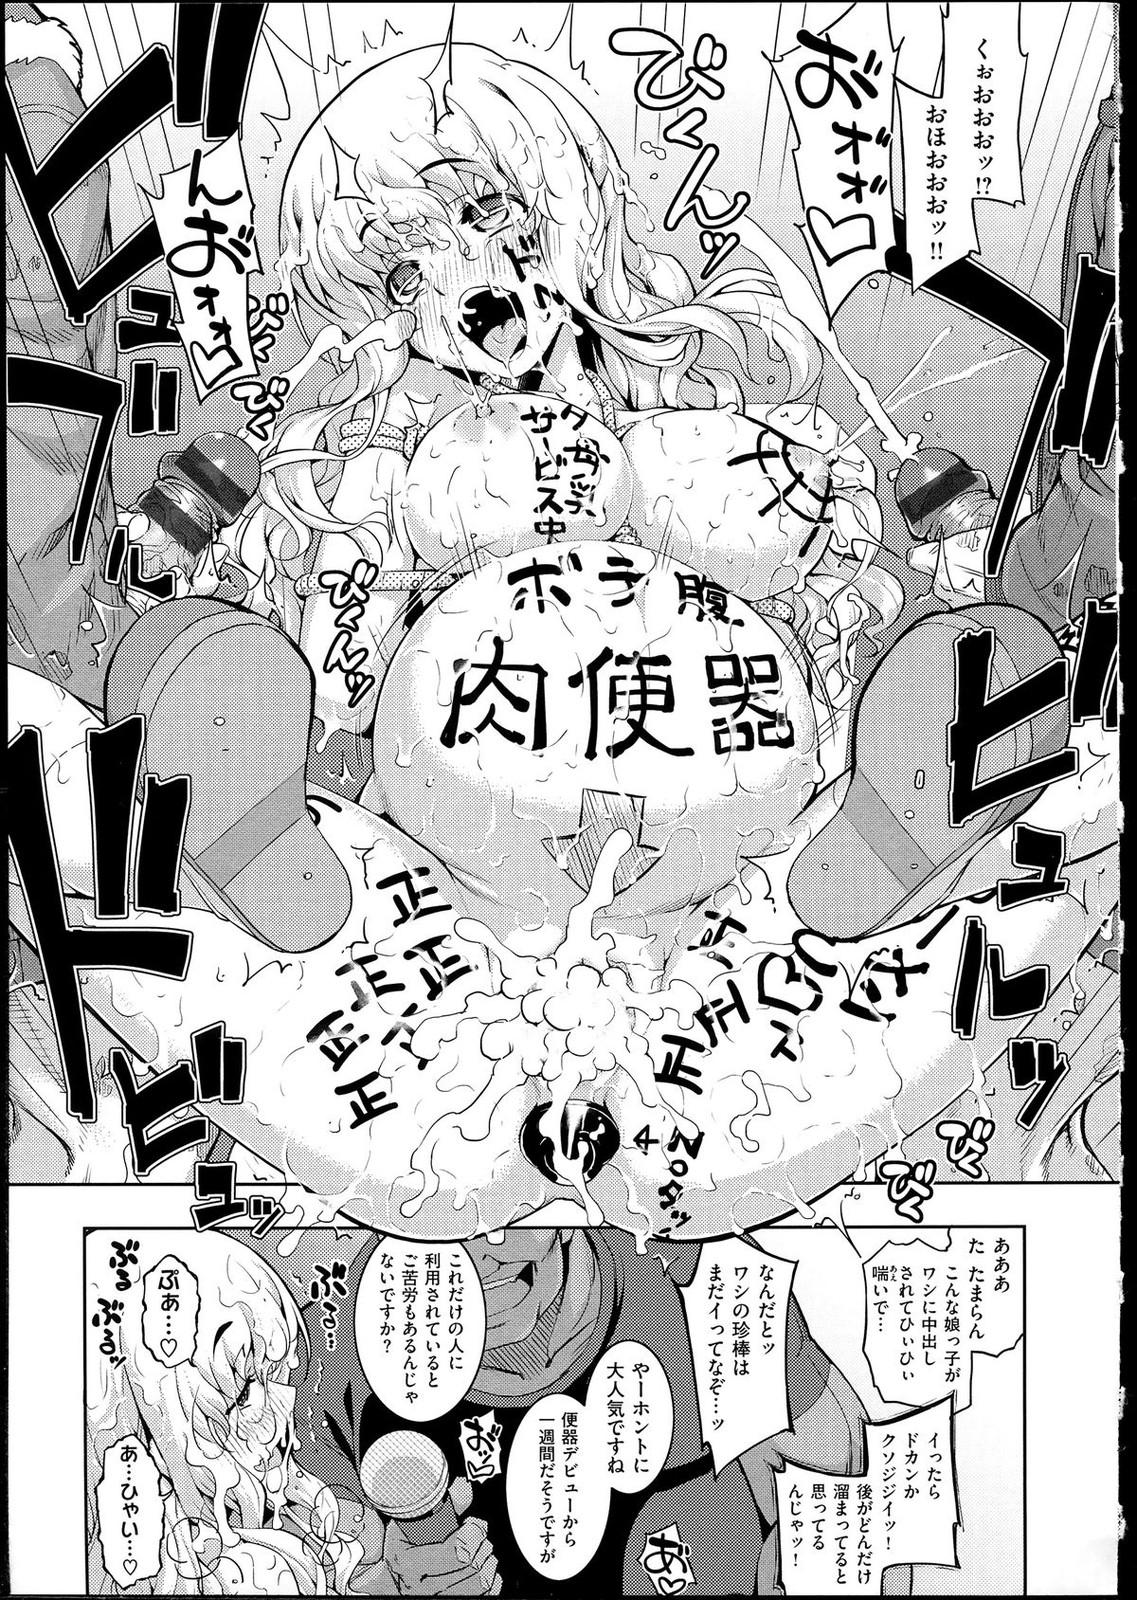 【エロ漫画】チンポのことしか考えられない肉便女たち…オマンコが壊れそうなのほど過激な責めに涎を垂らしてイキまくるwww【無望菜志:NTRビデオレター】